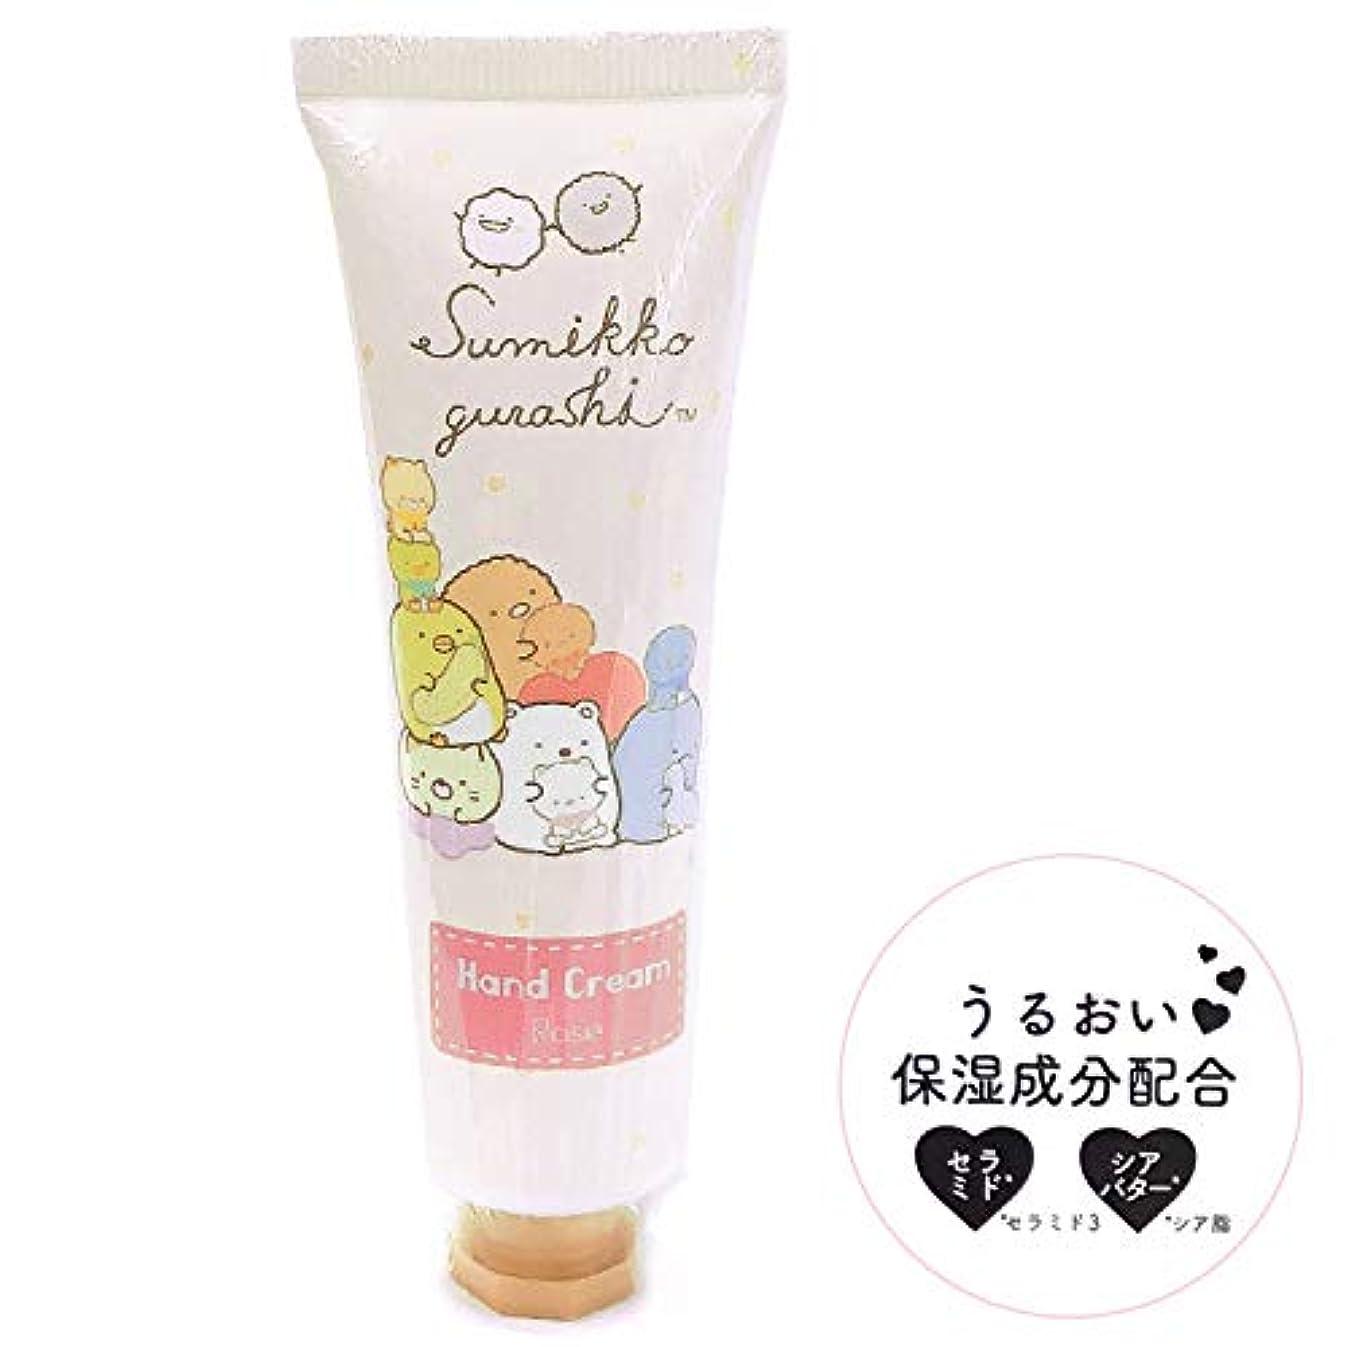 公式よろめく味すみっコぐらし ハンドクリーム PK ローズの香り [380408]